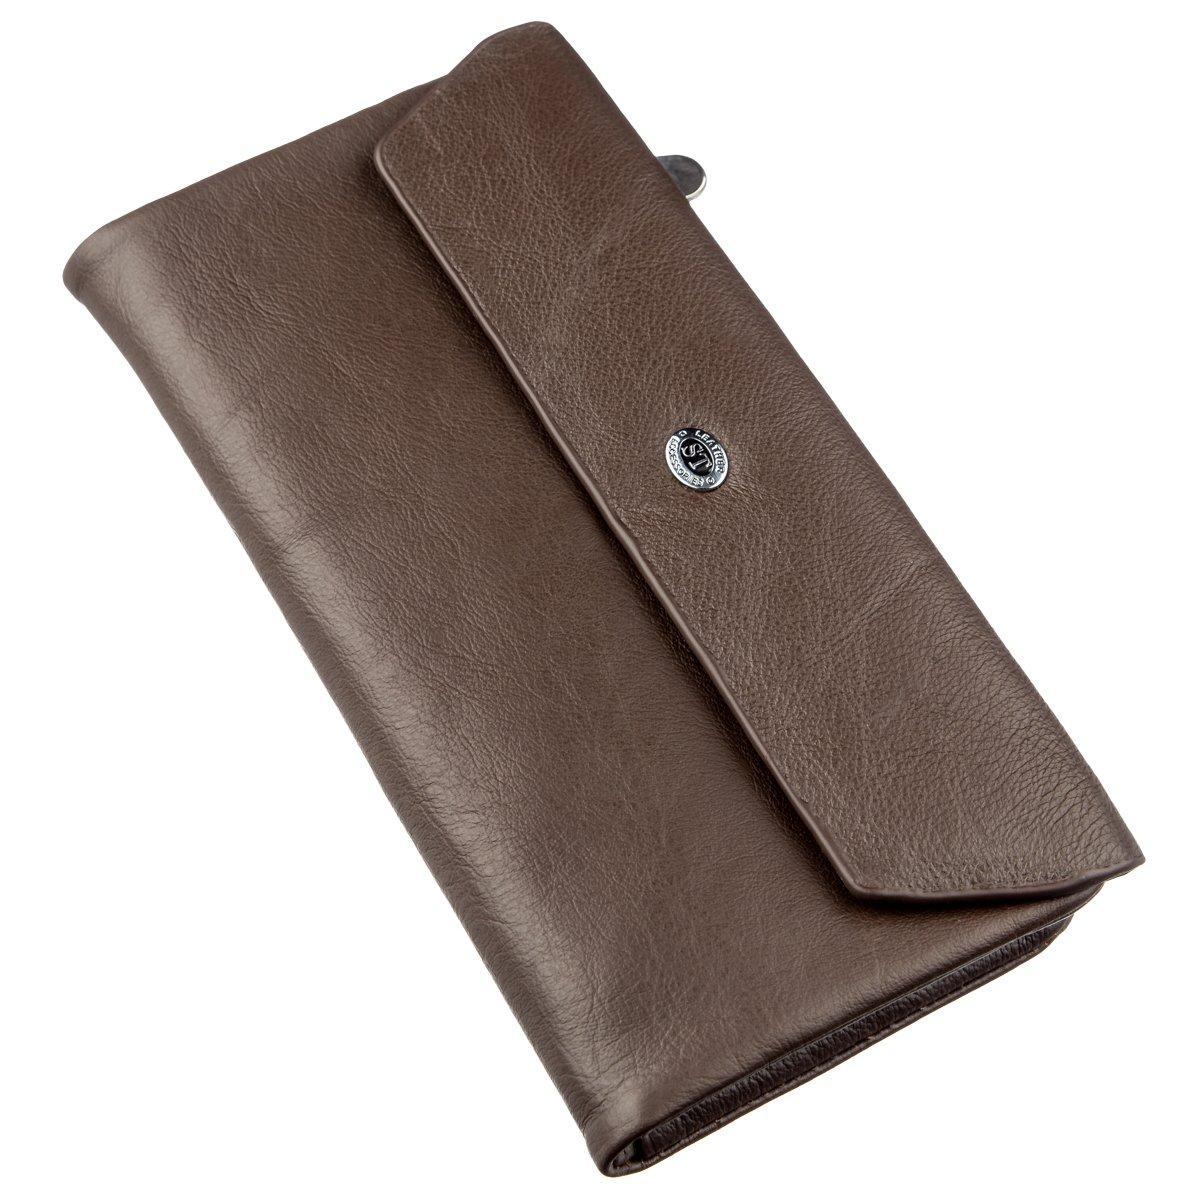 Практичный женский кошелек-клатч ST Leather 18841 Коричневый